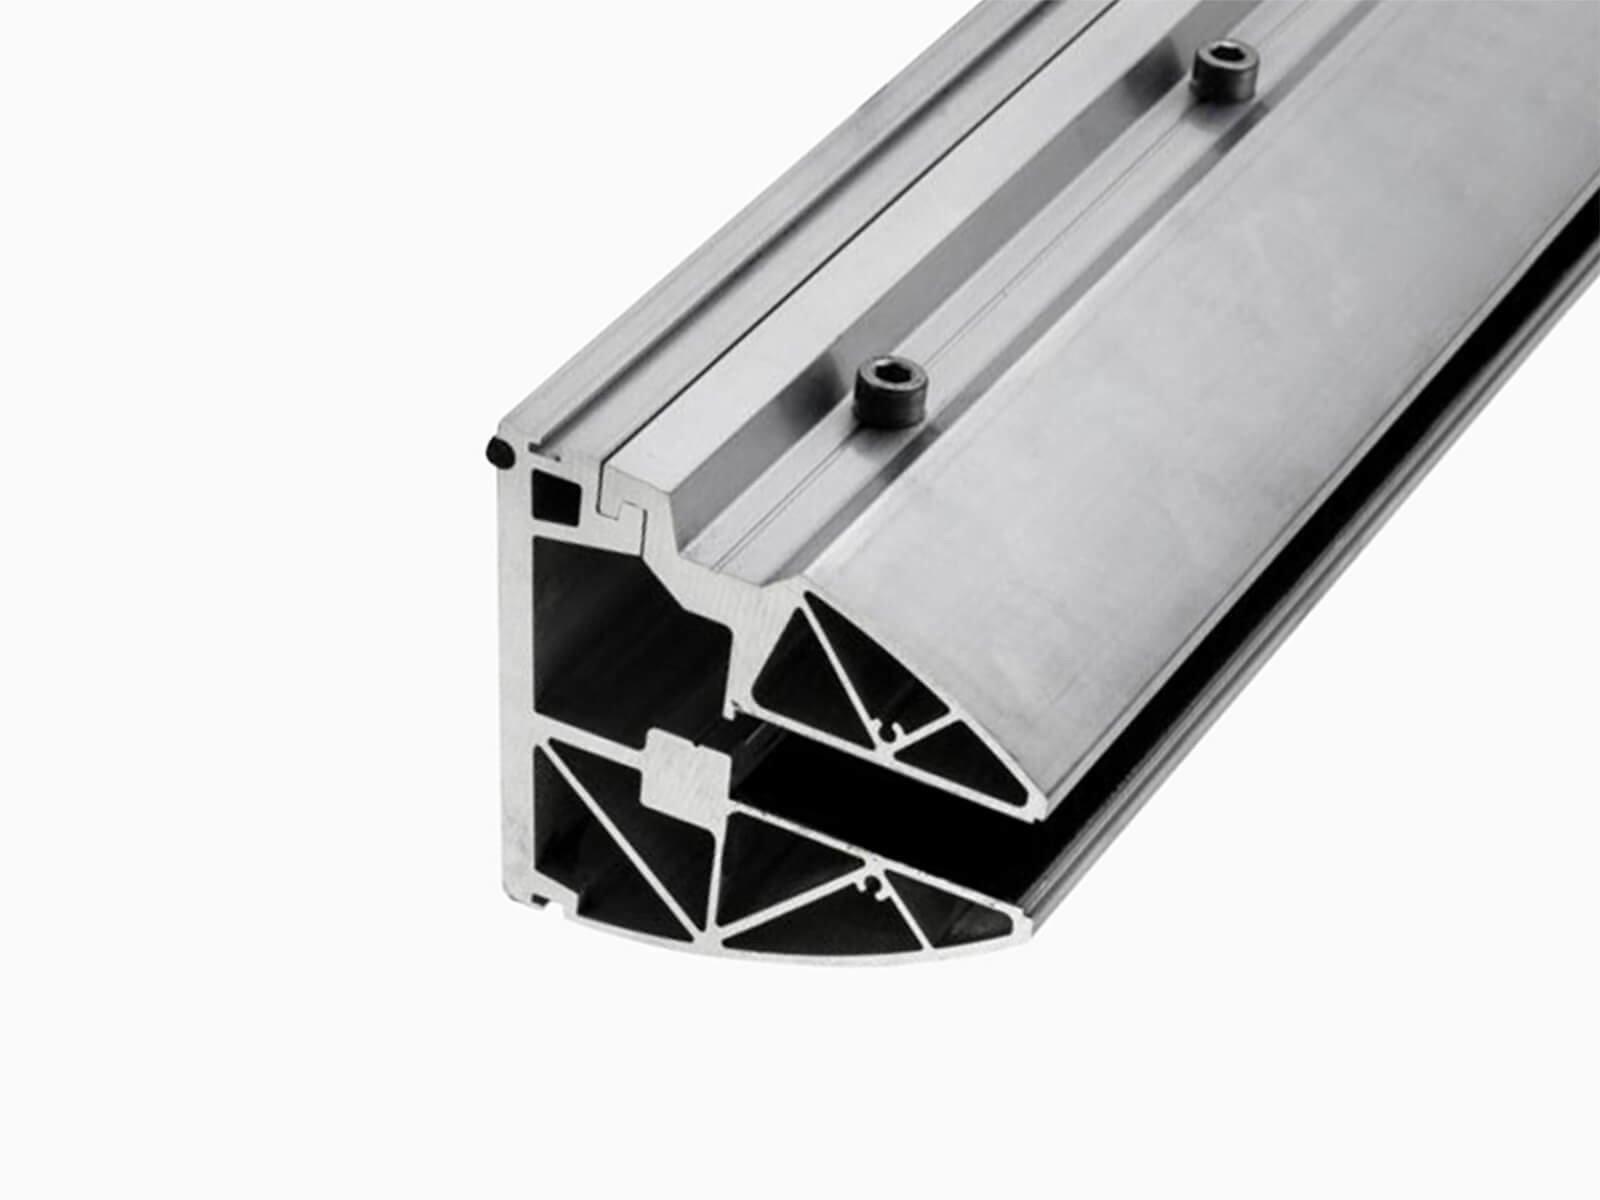 Glas Seitenteil Blend kompatibel mit fast jedem Vordach einfach in der Montage und Befestigung